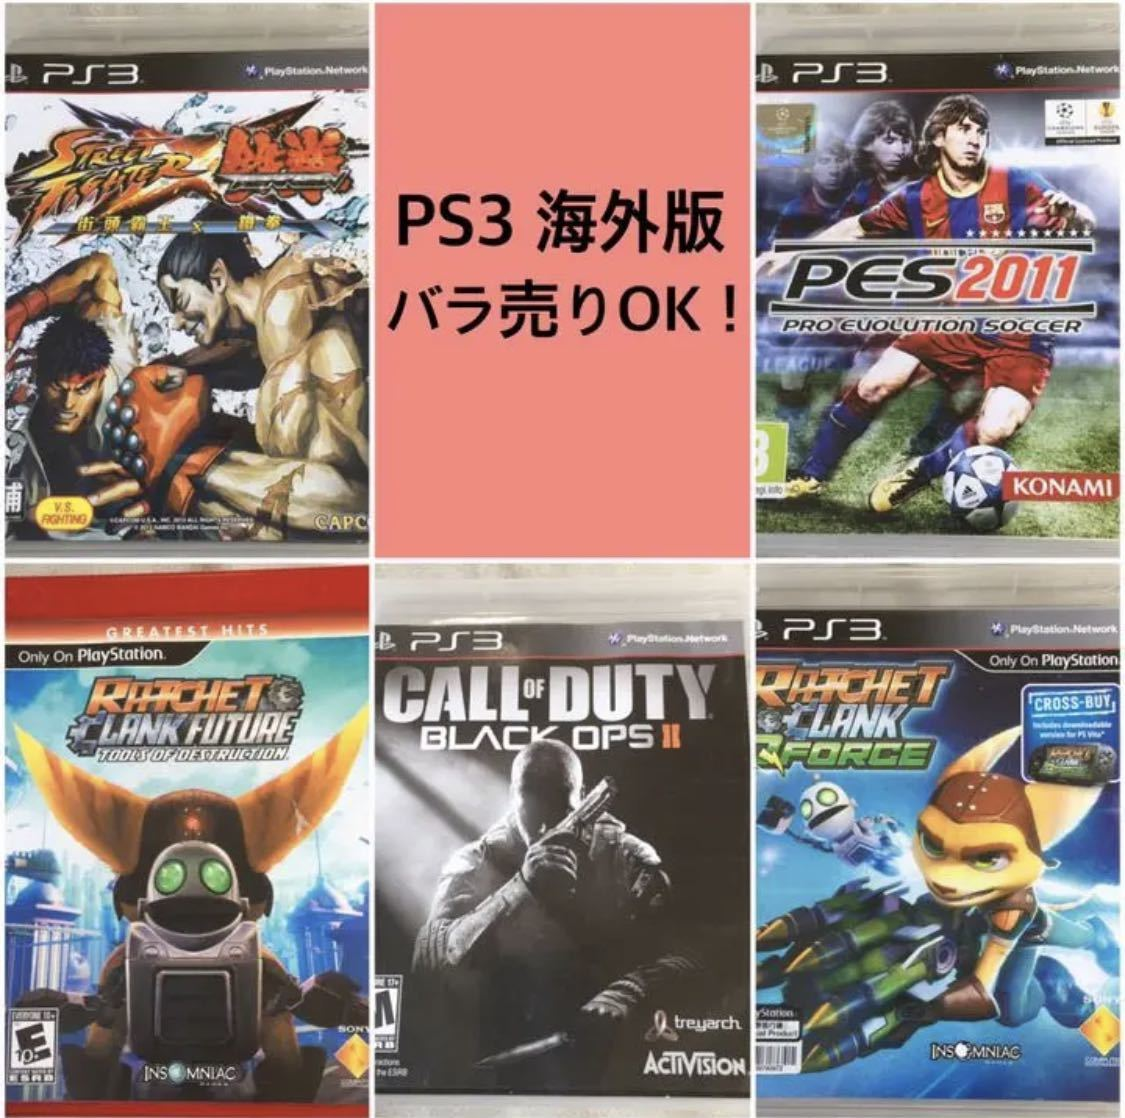 PlayStation3 ゲームソフト 海外版 プレステ3 ラチェット 輸入 プレイステーション コールオブデューティー